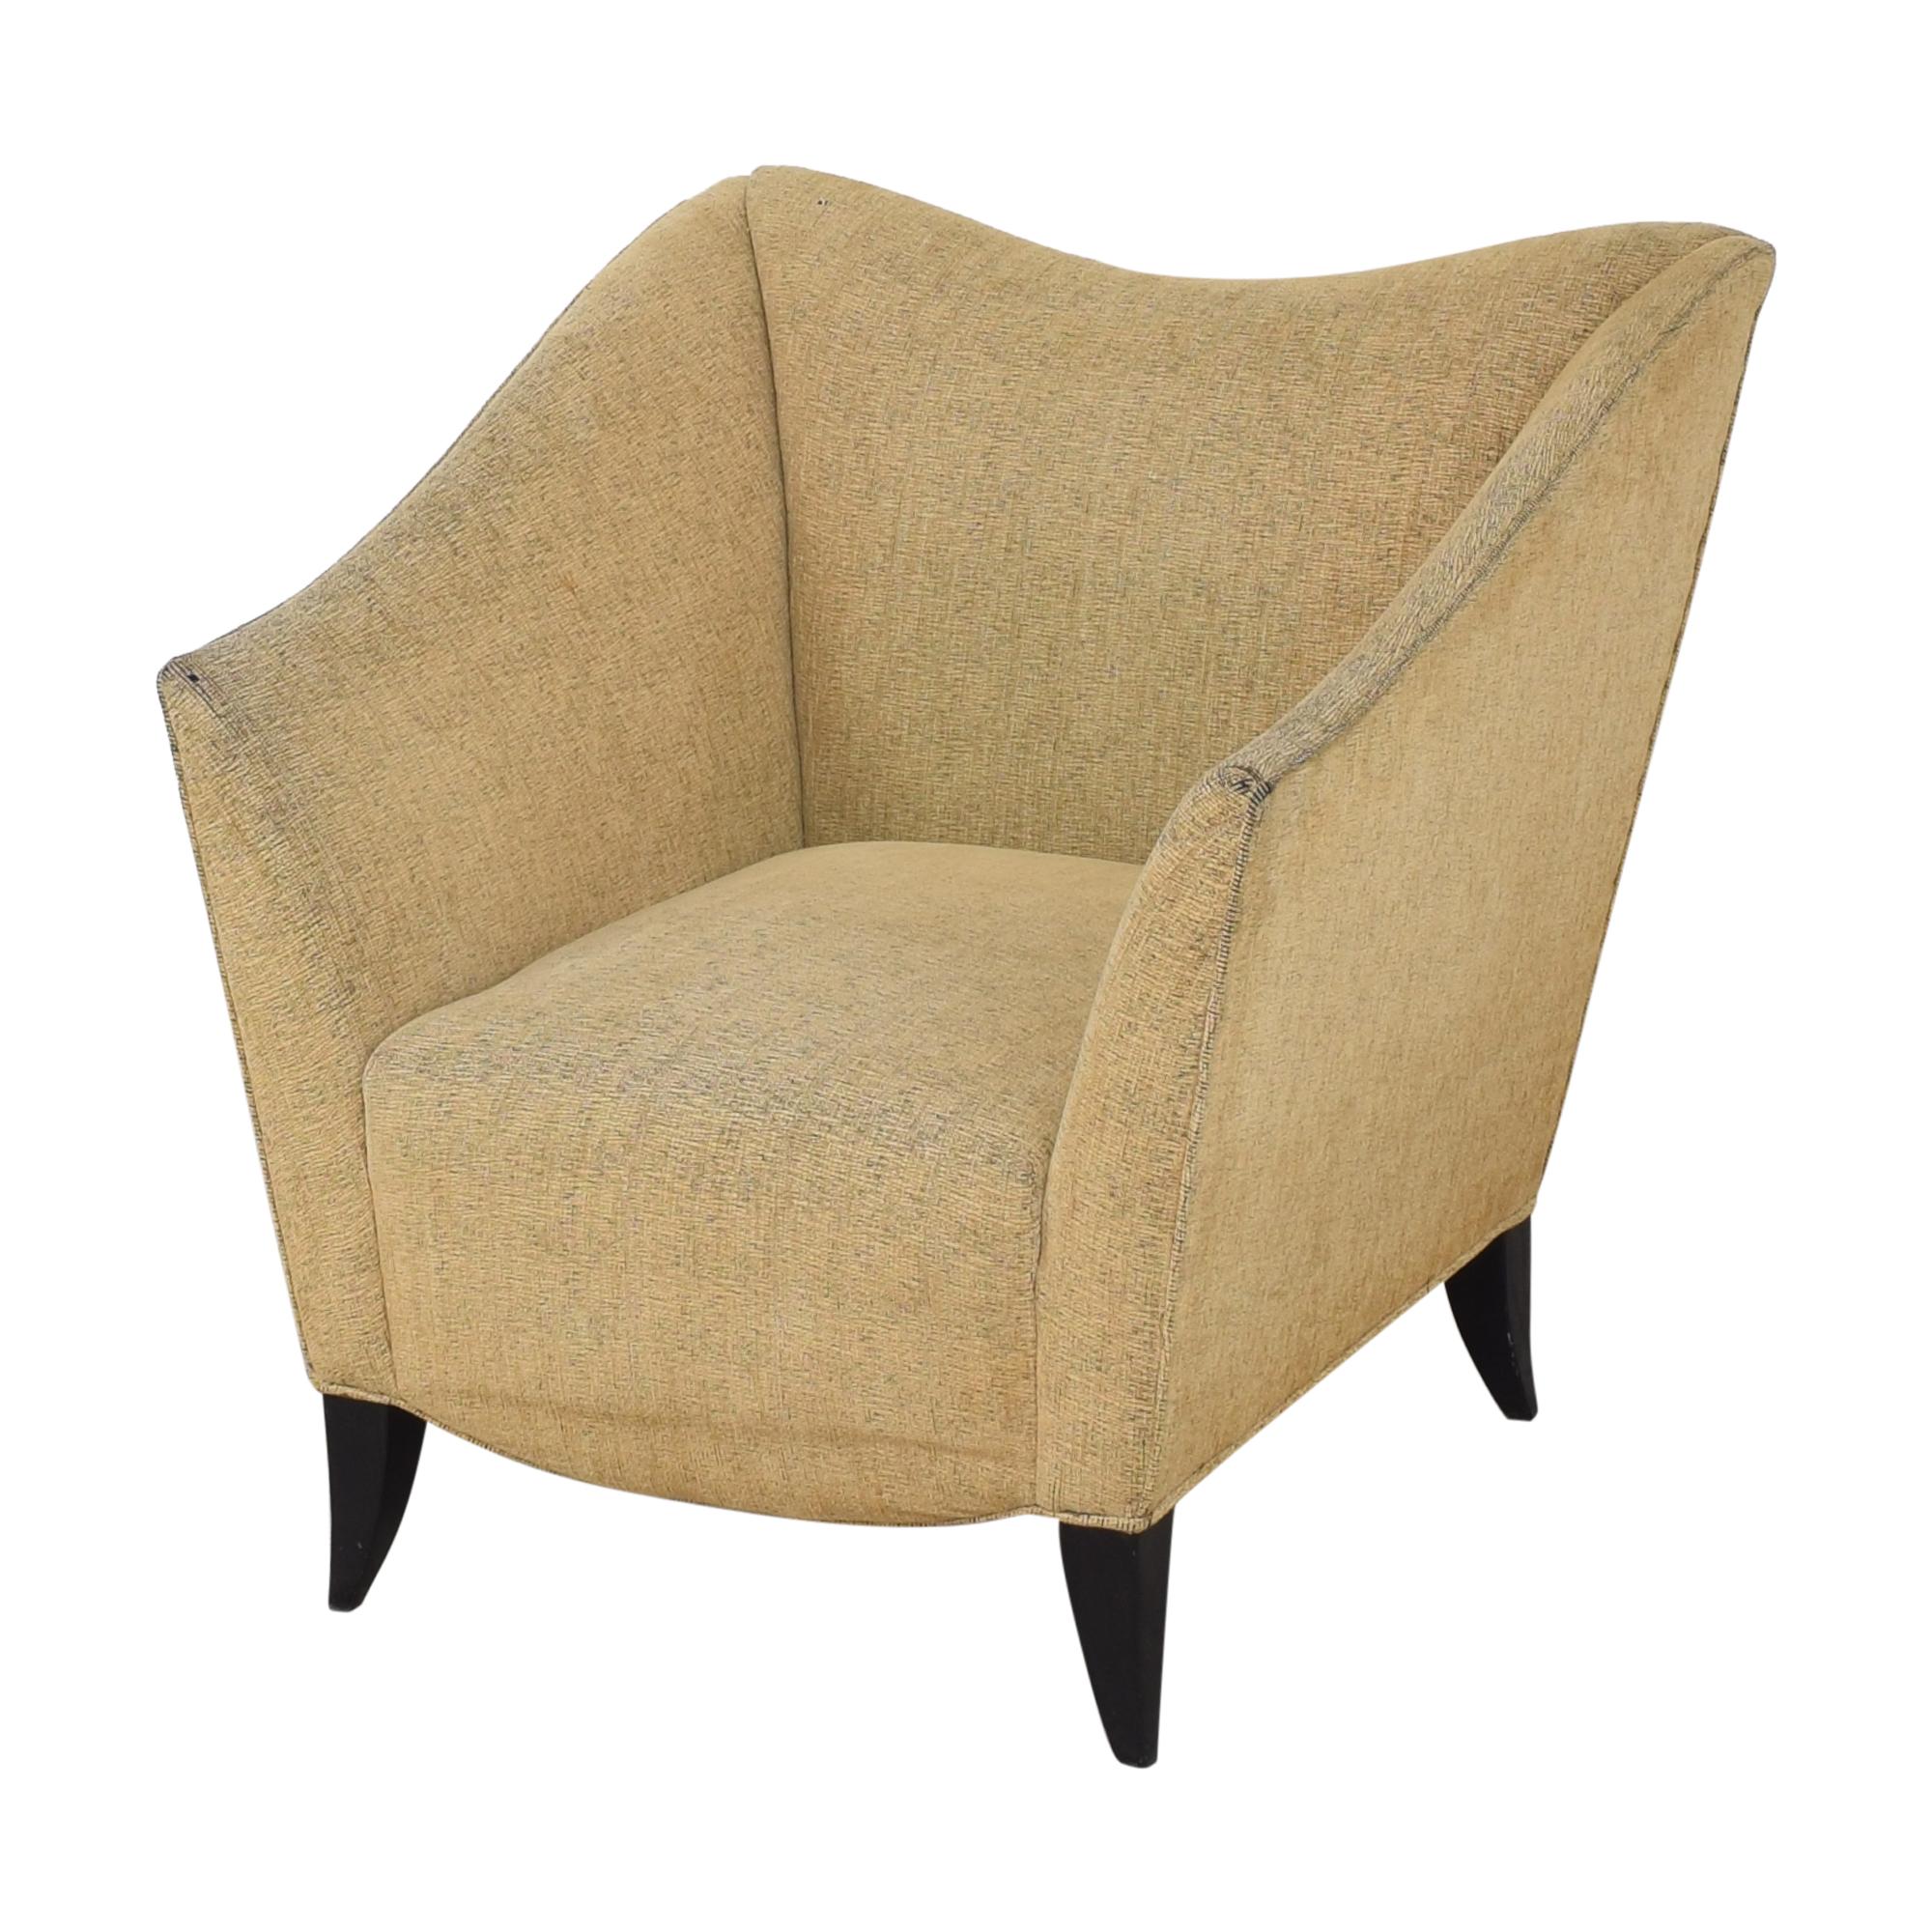 Swaim Swaim Accent Chair discount